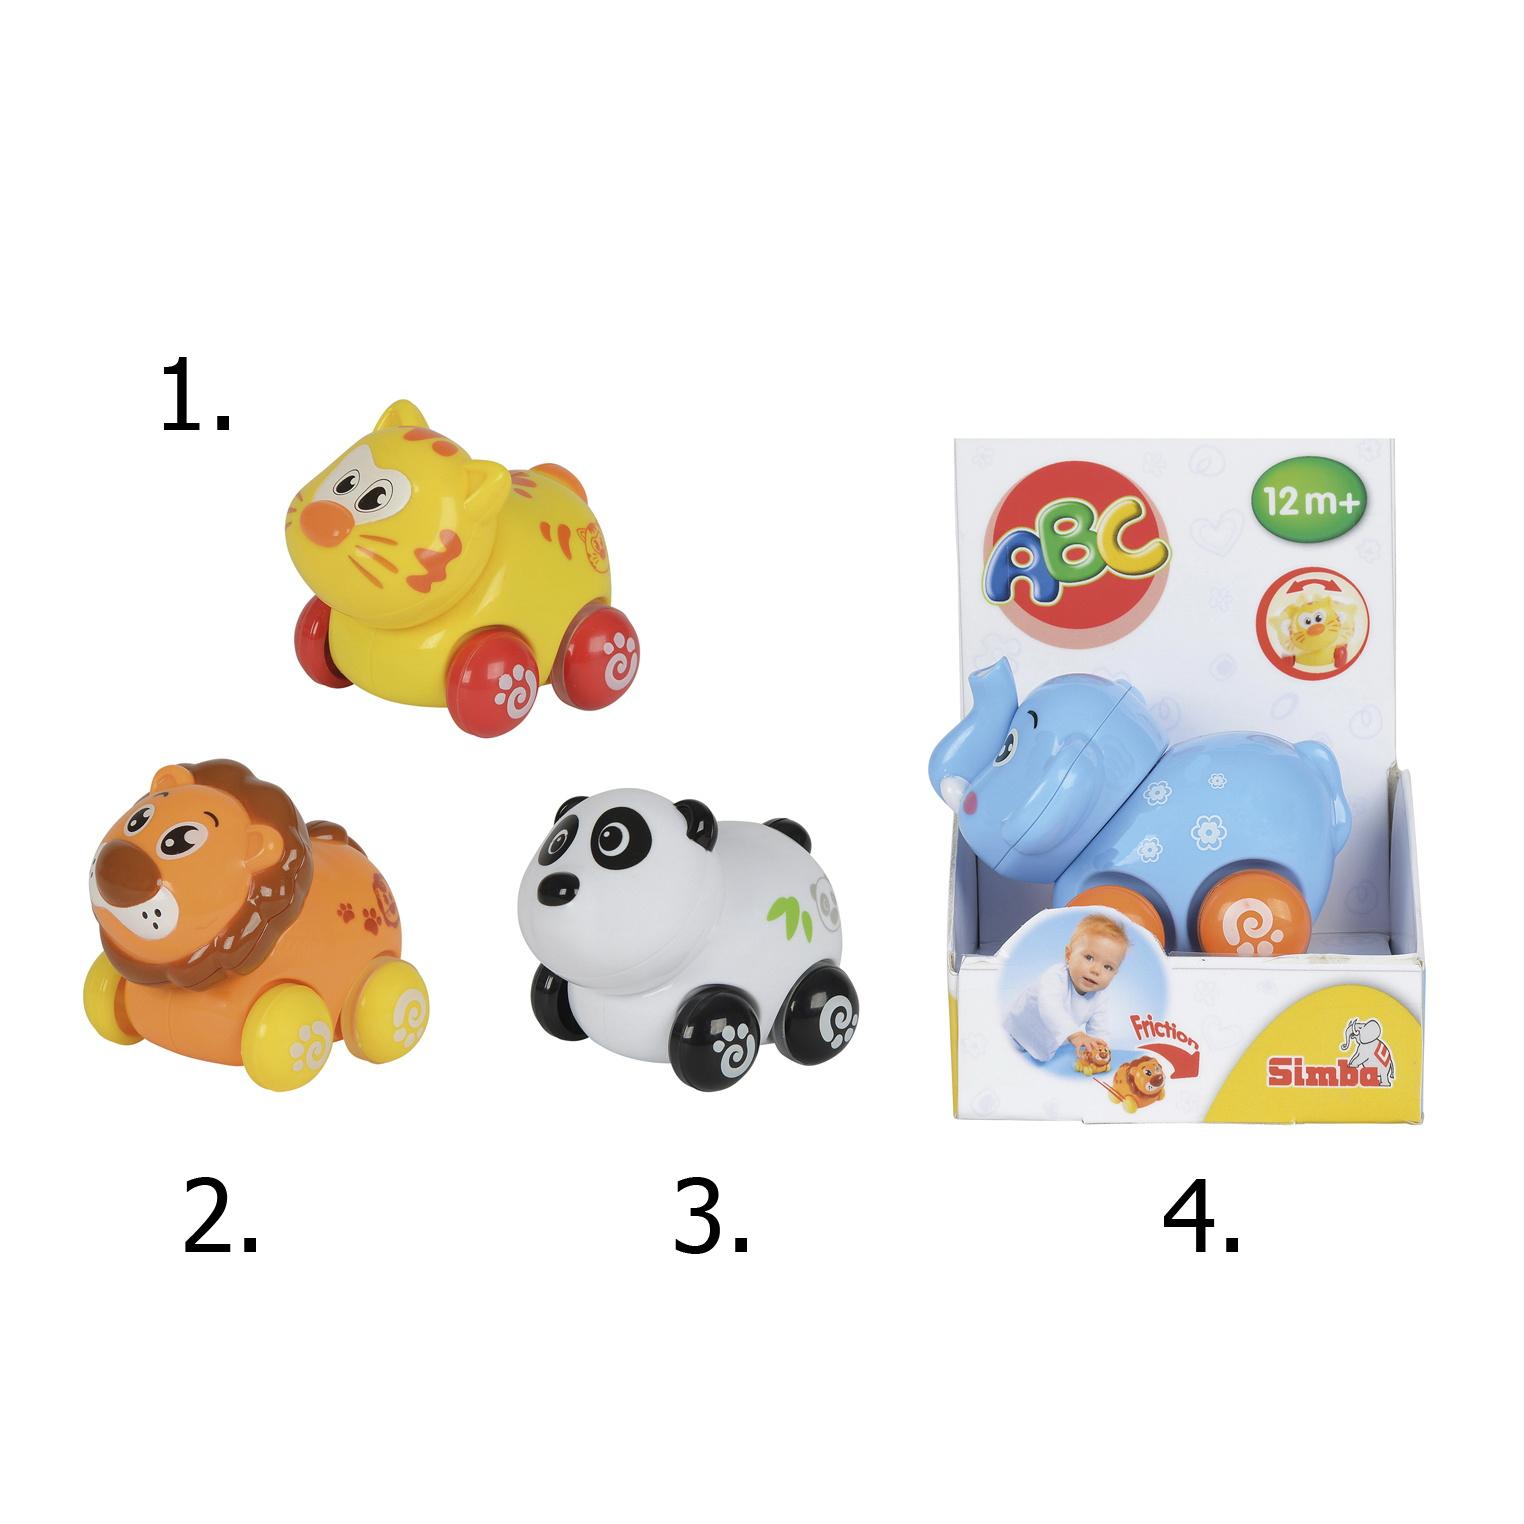 Игрушка с фрикционным механизмом - Животные на колесиках, 8 см., 4 вида